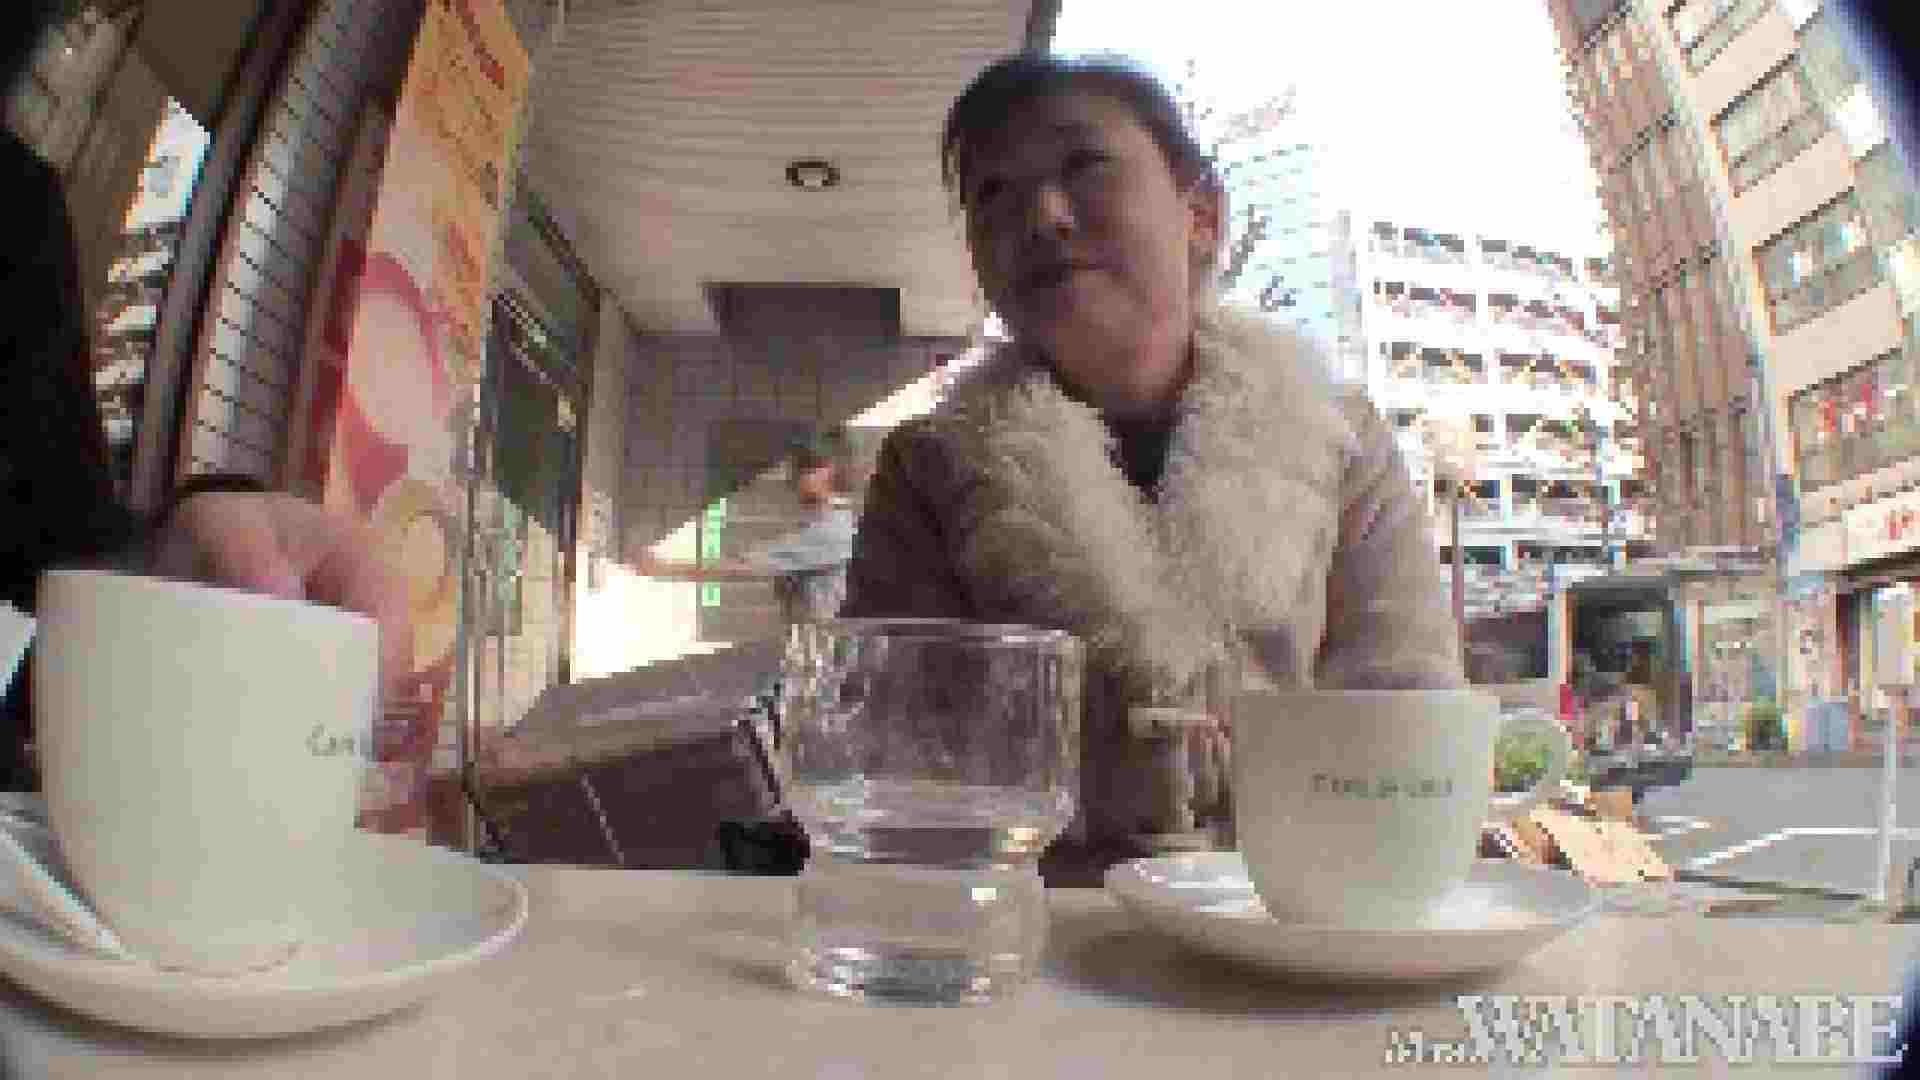 撮影スタッフを誘惑する痴熟女 かおり40歳 Vol.01 素人 | HなOL  67pic 16